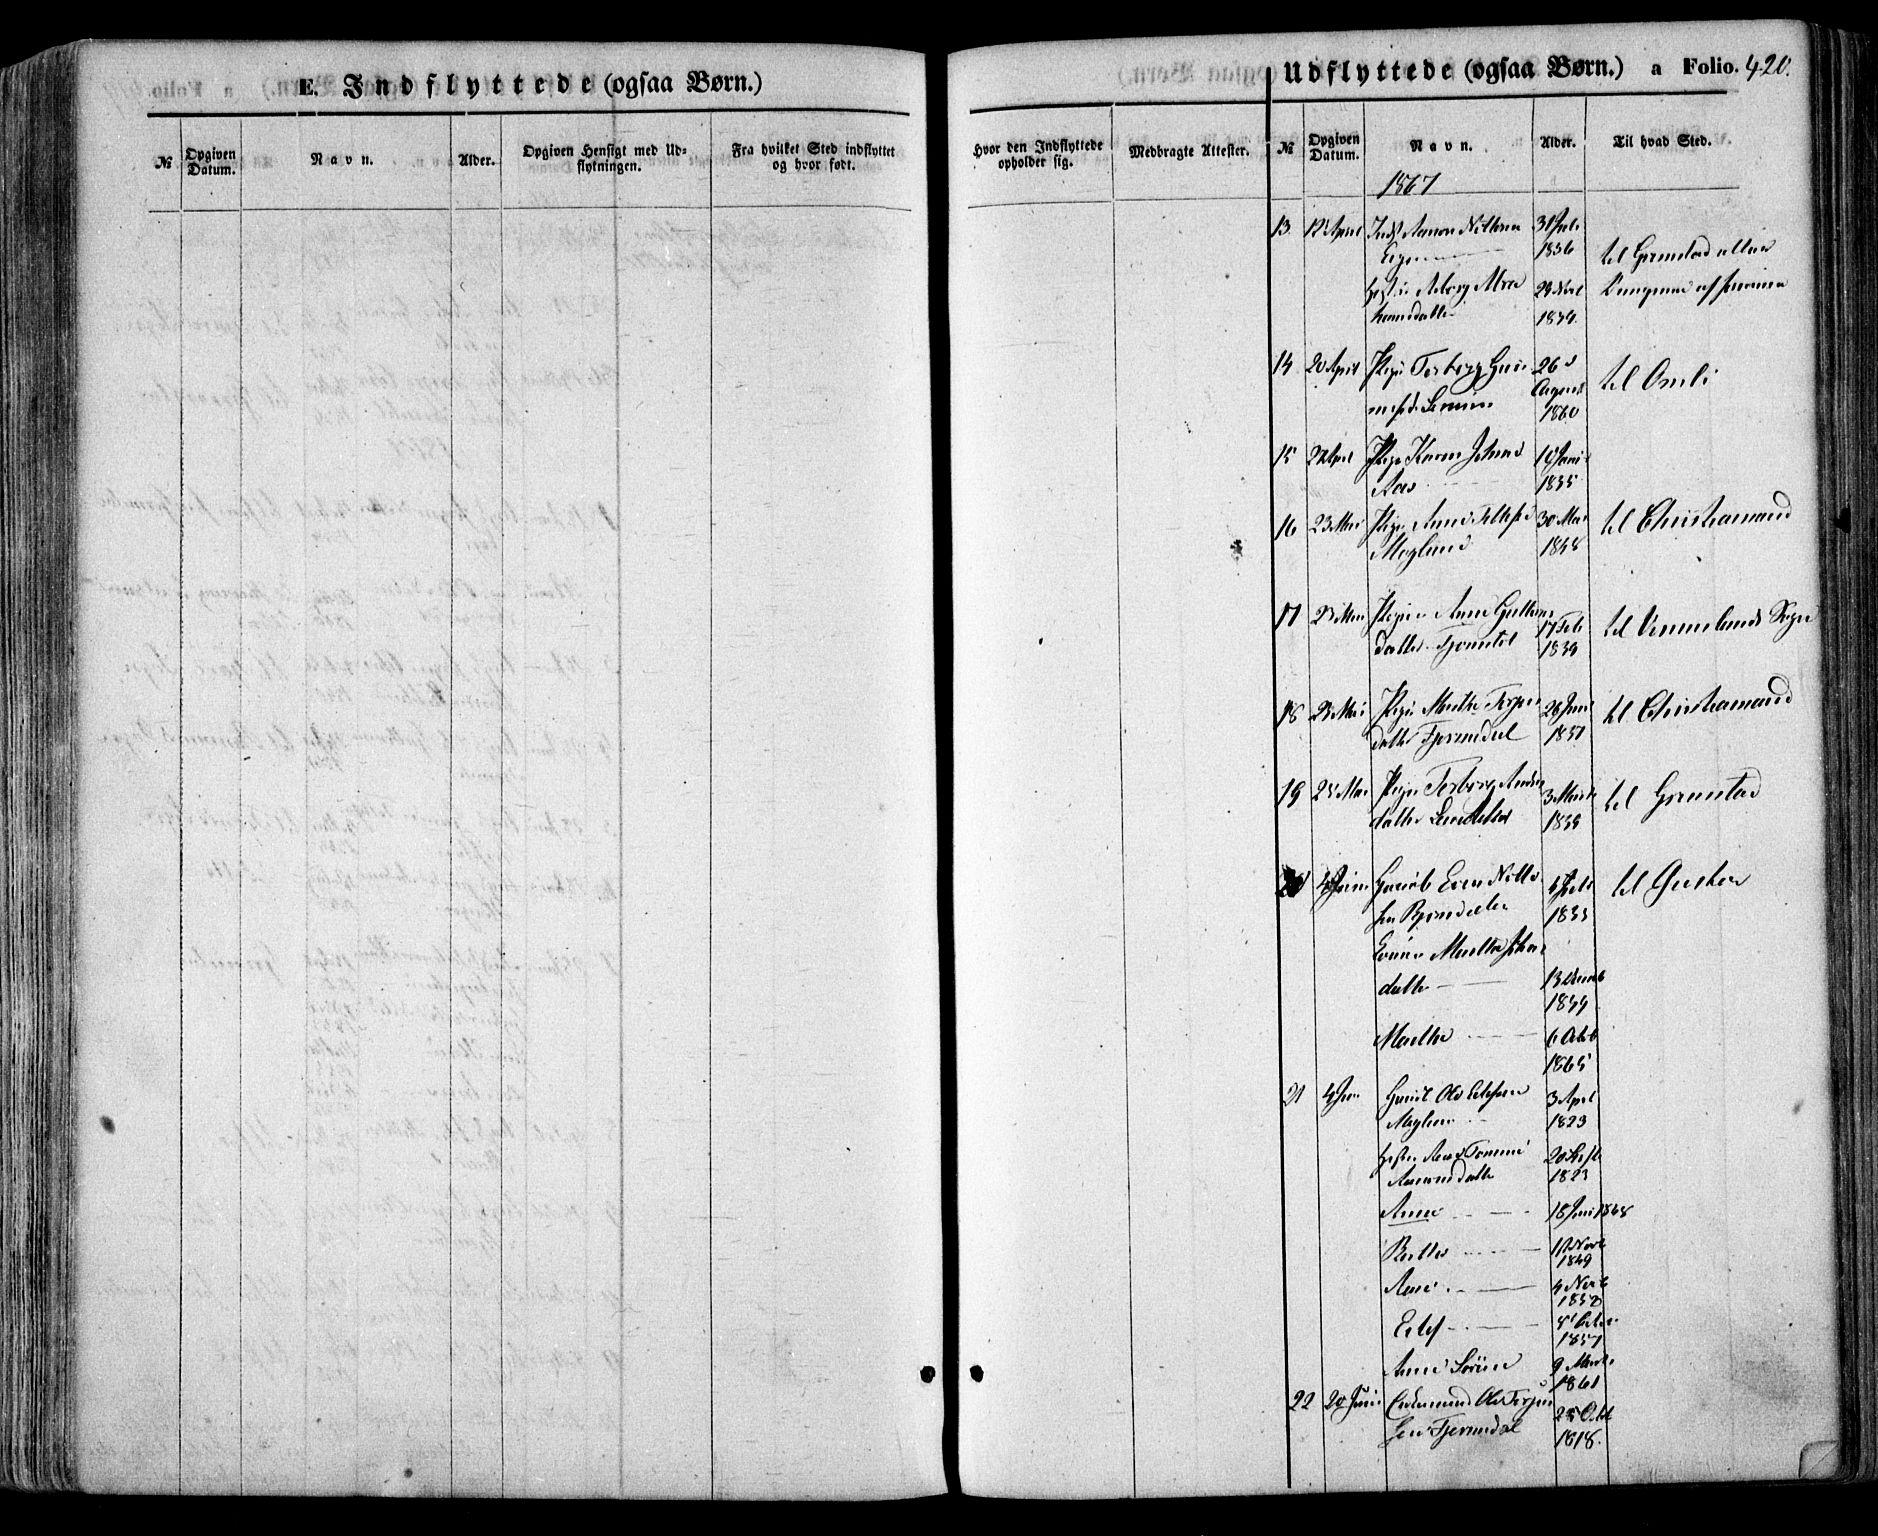 SAK, Evje sokneprestkontor, F/Fa/Faa/L0006: Ministerialbok nr. A 6, 1866-1884, s. 420